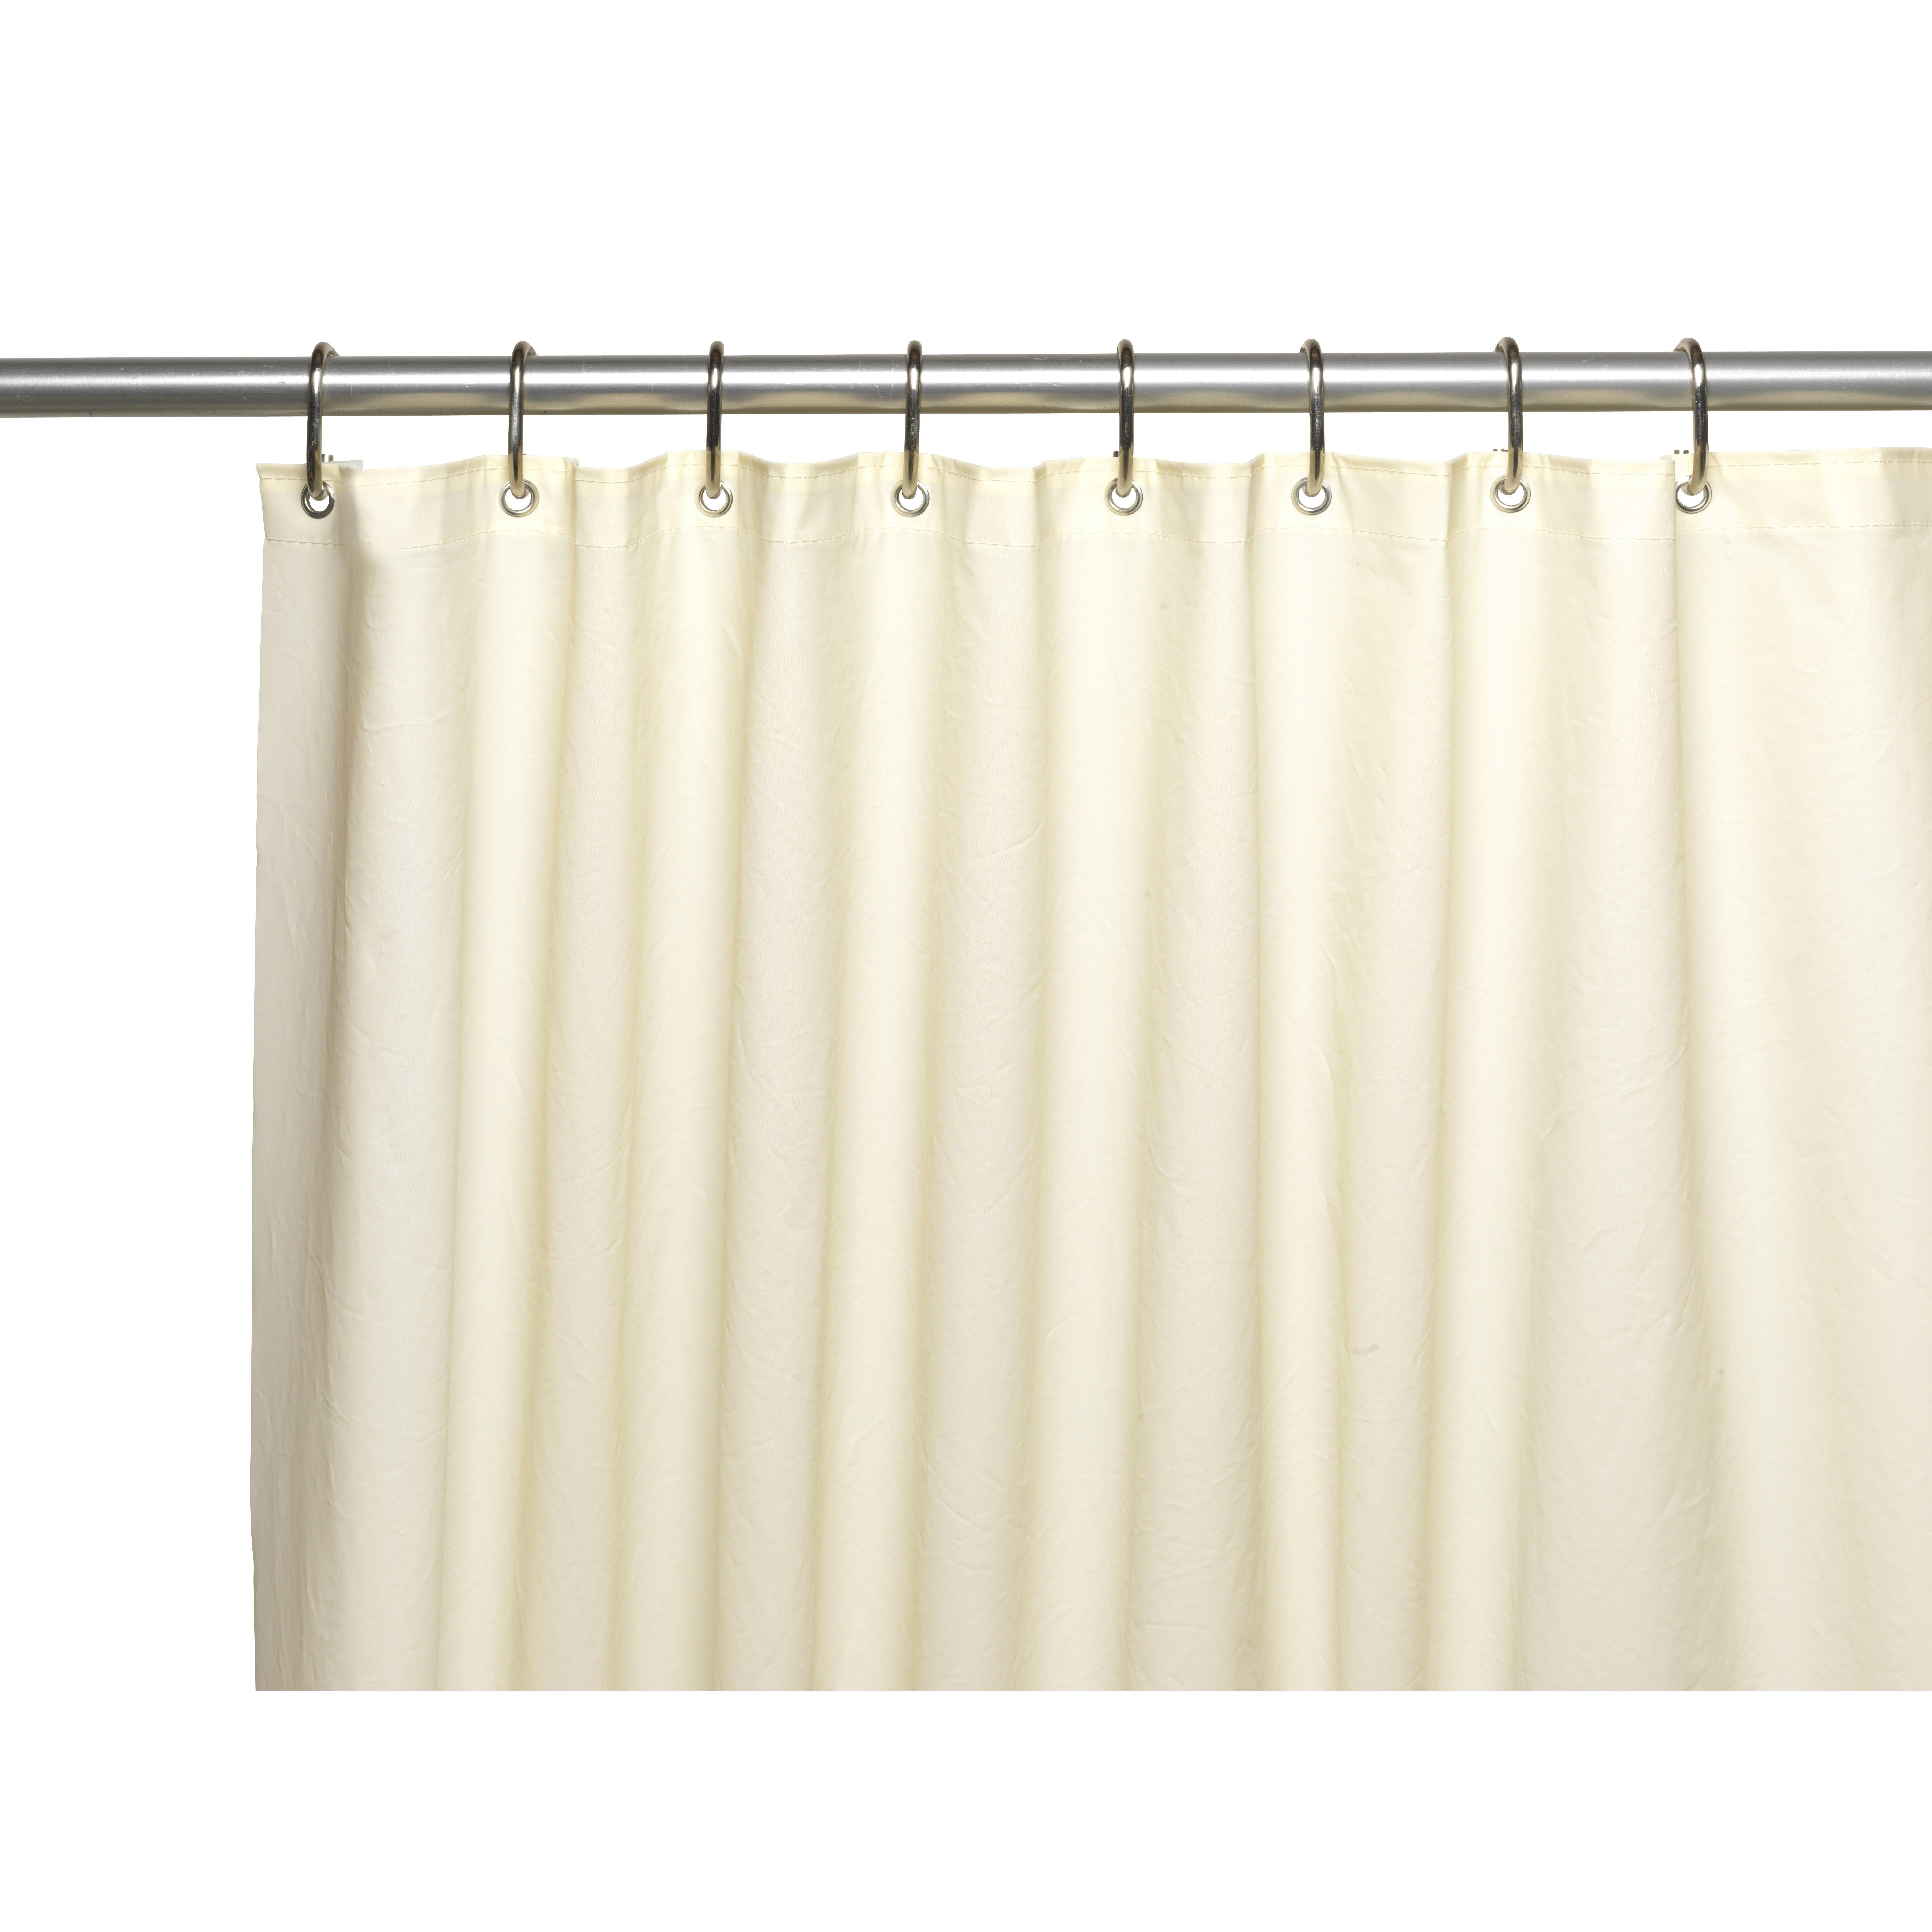 Carnation Home Fashions Clean Home EVA Shower Curtain